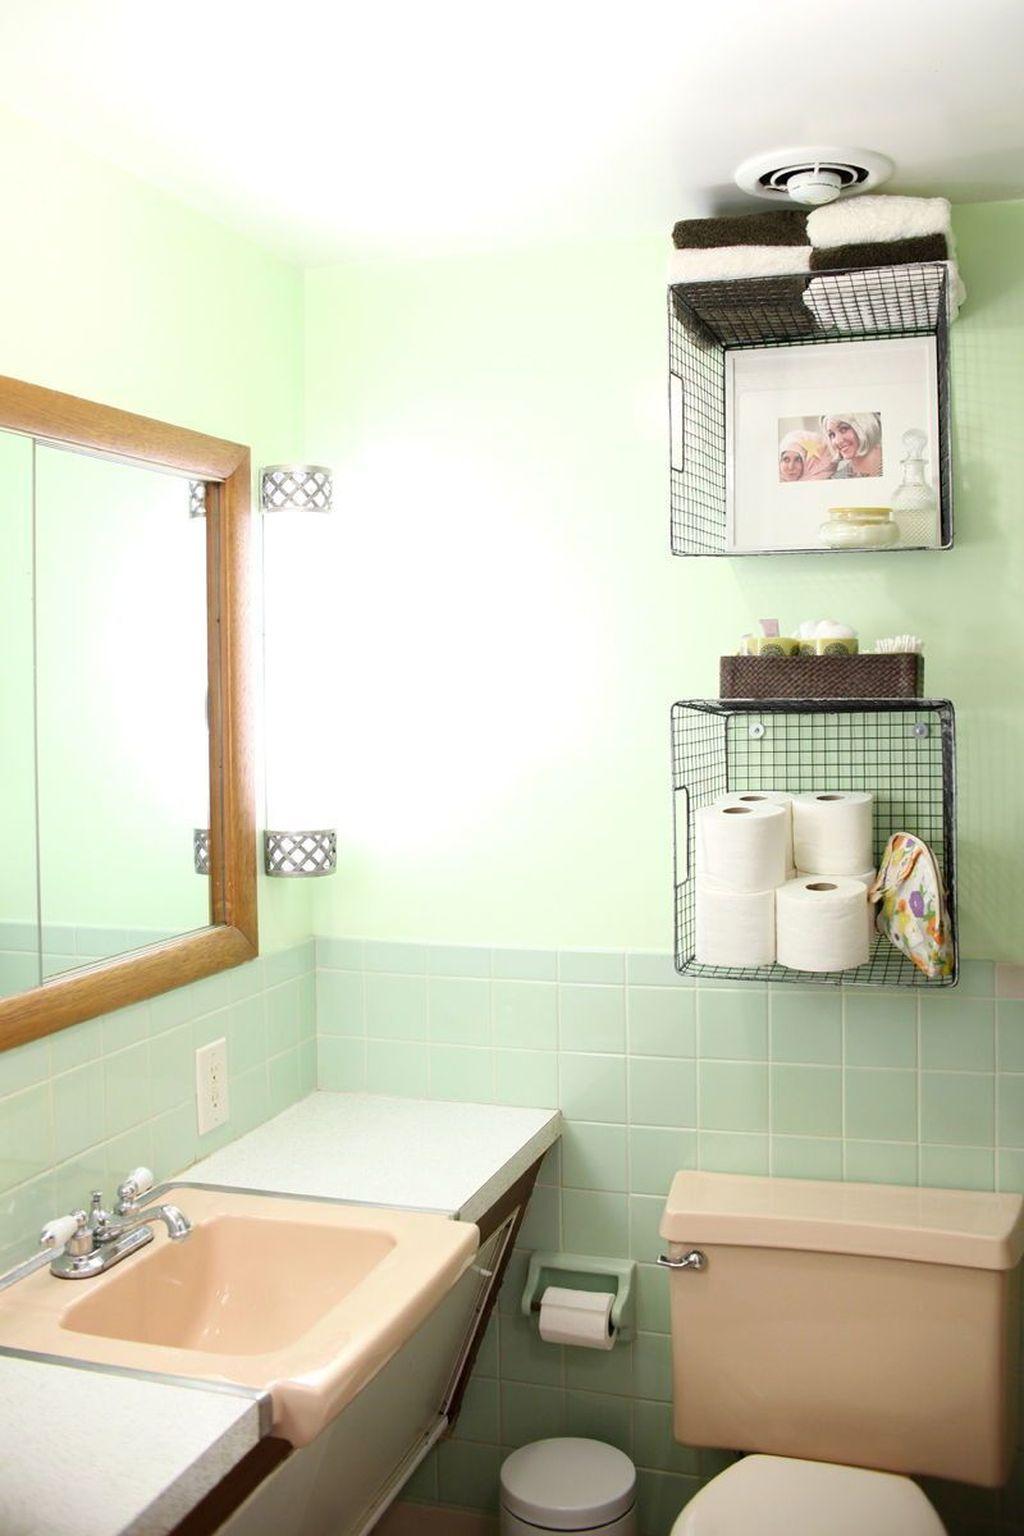 Affordable Diy Organization Bathroom Design Ideas For Bottle And Towel Labels36